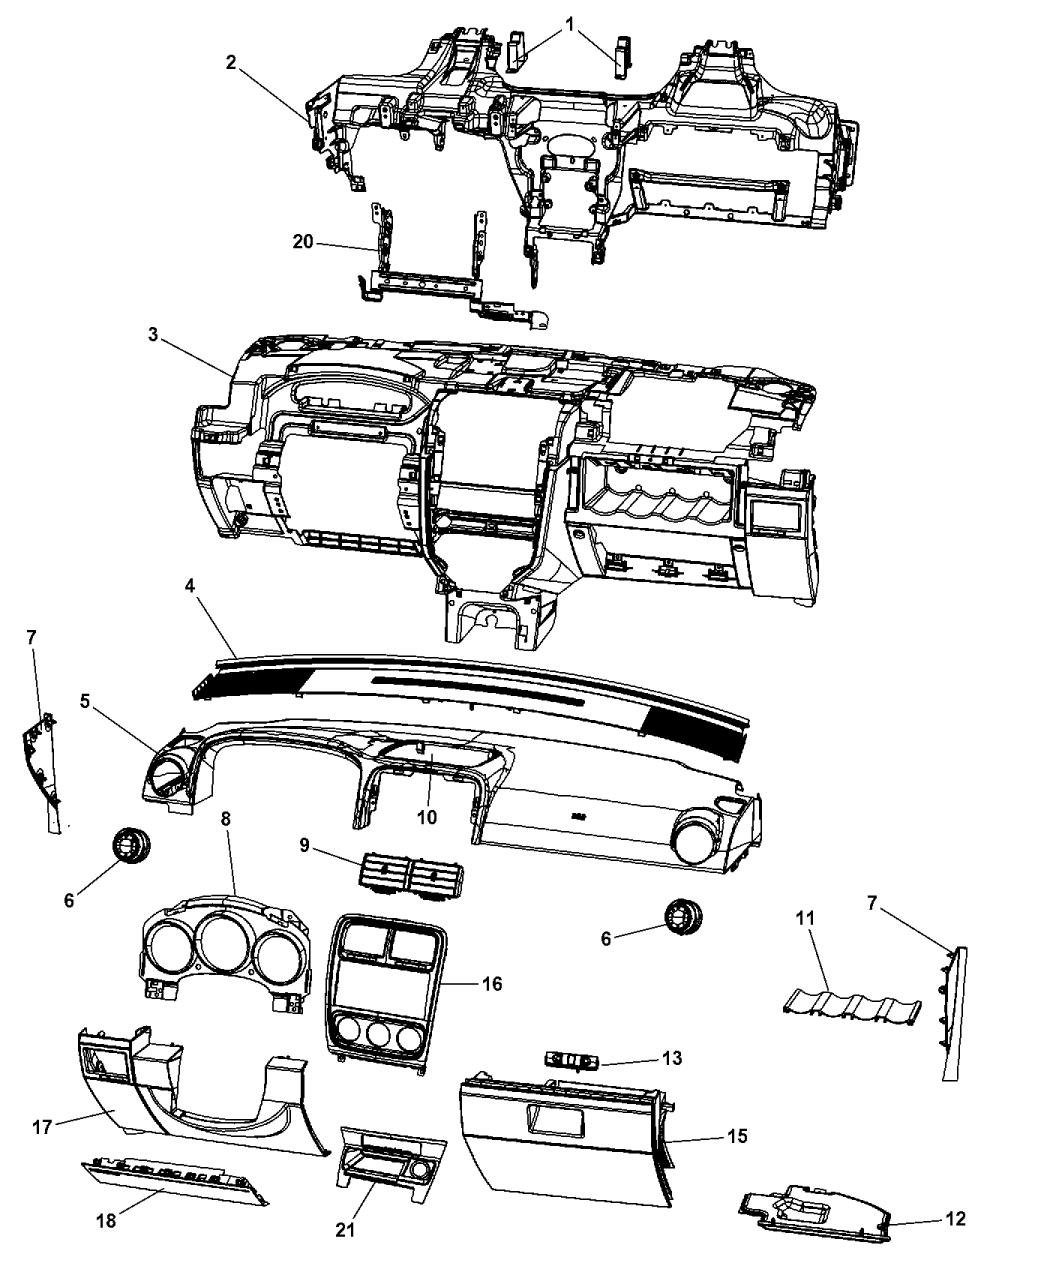 [WRG-8228] 2012 Dodge Caliber Engine Diagram